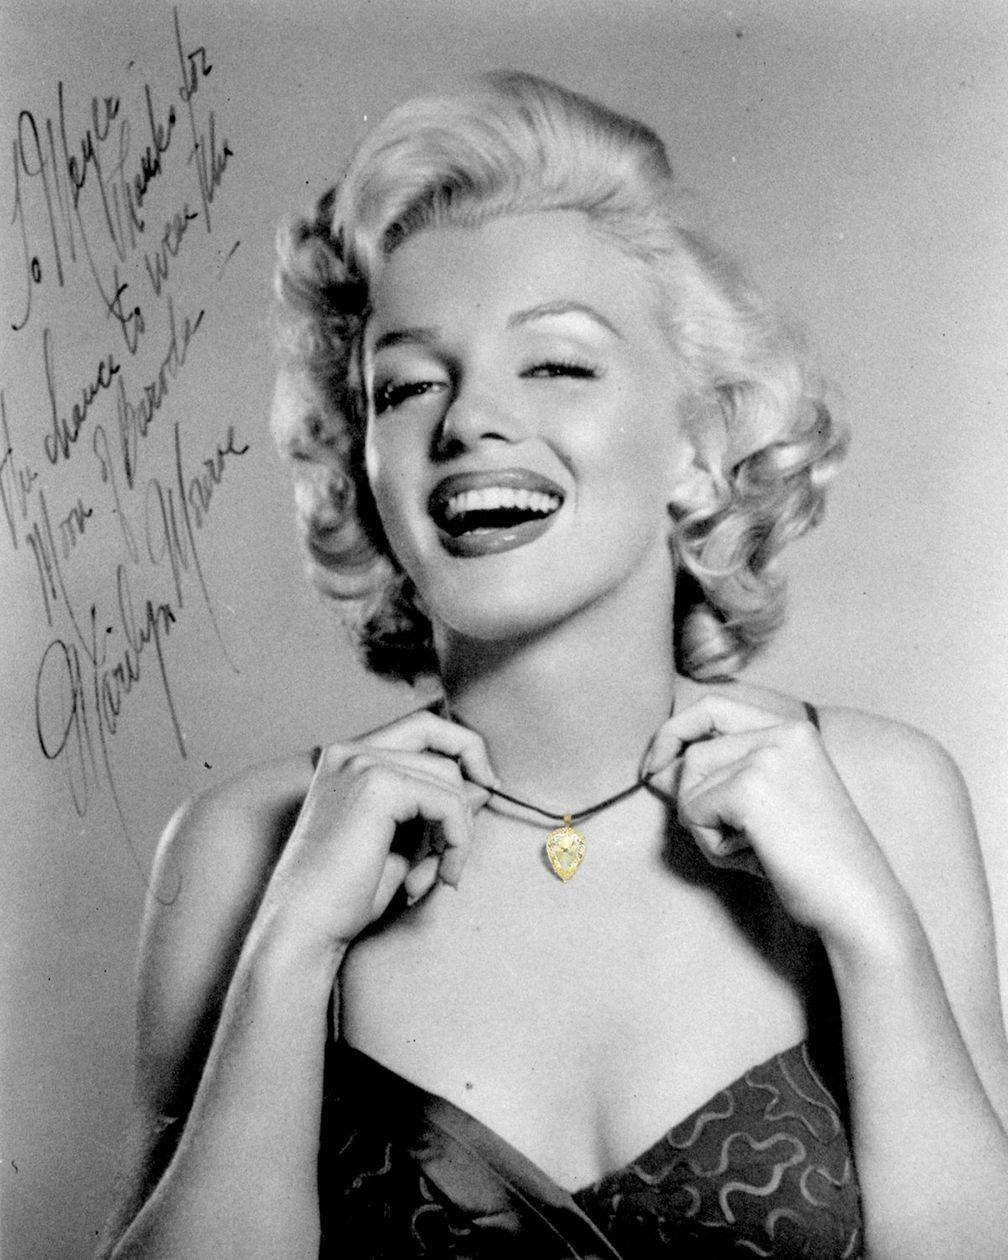 Фотография 1953 года с автографом Мэрилин Монро